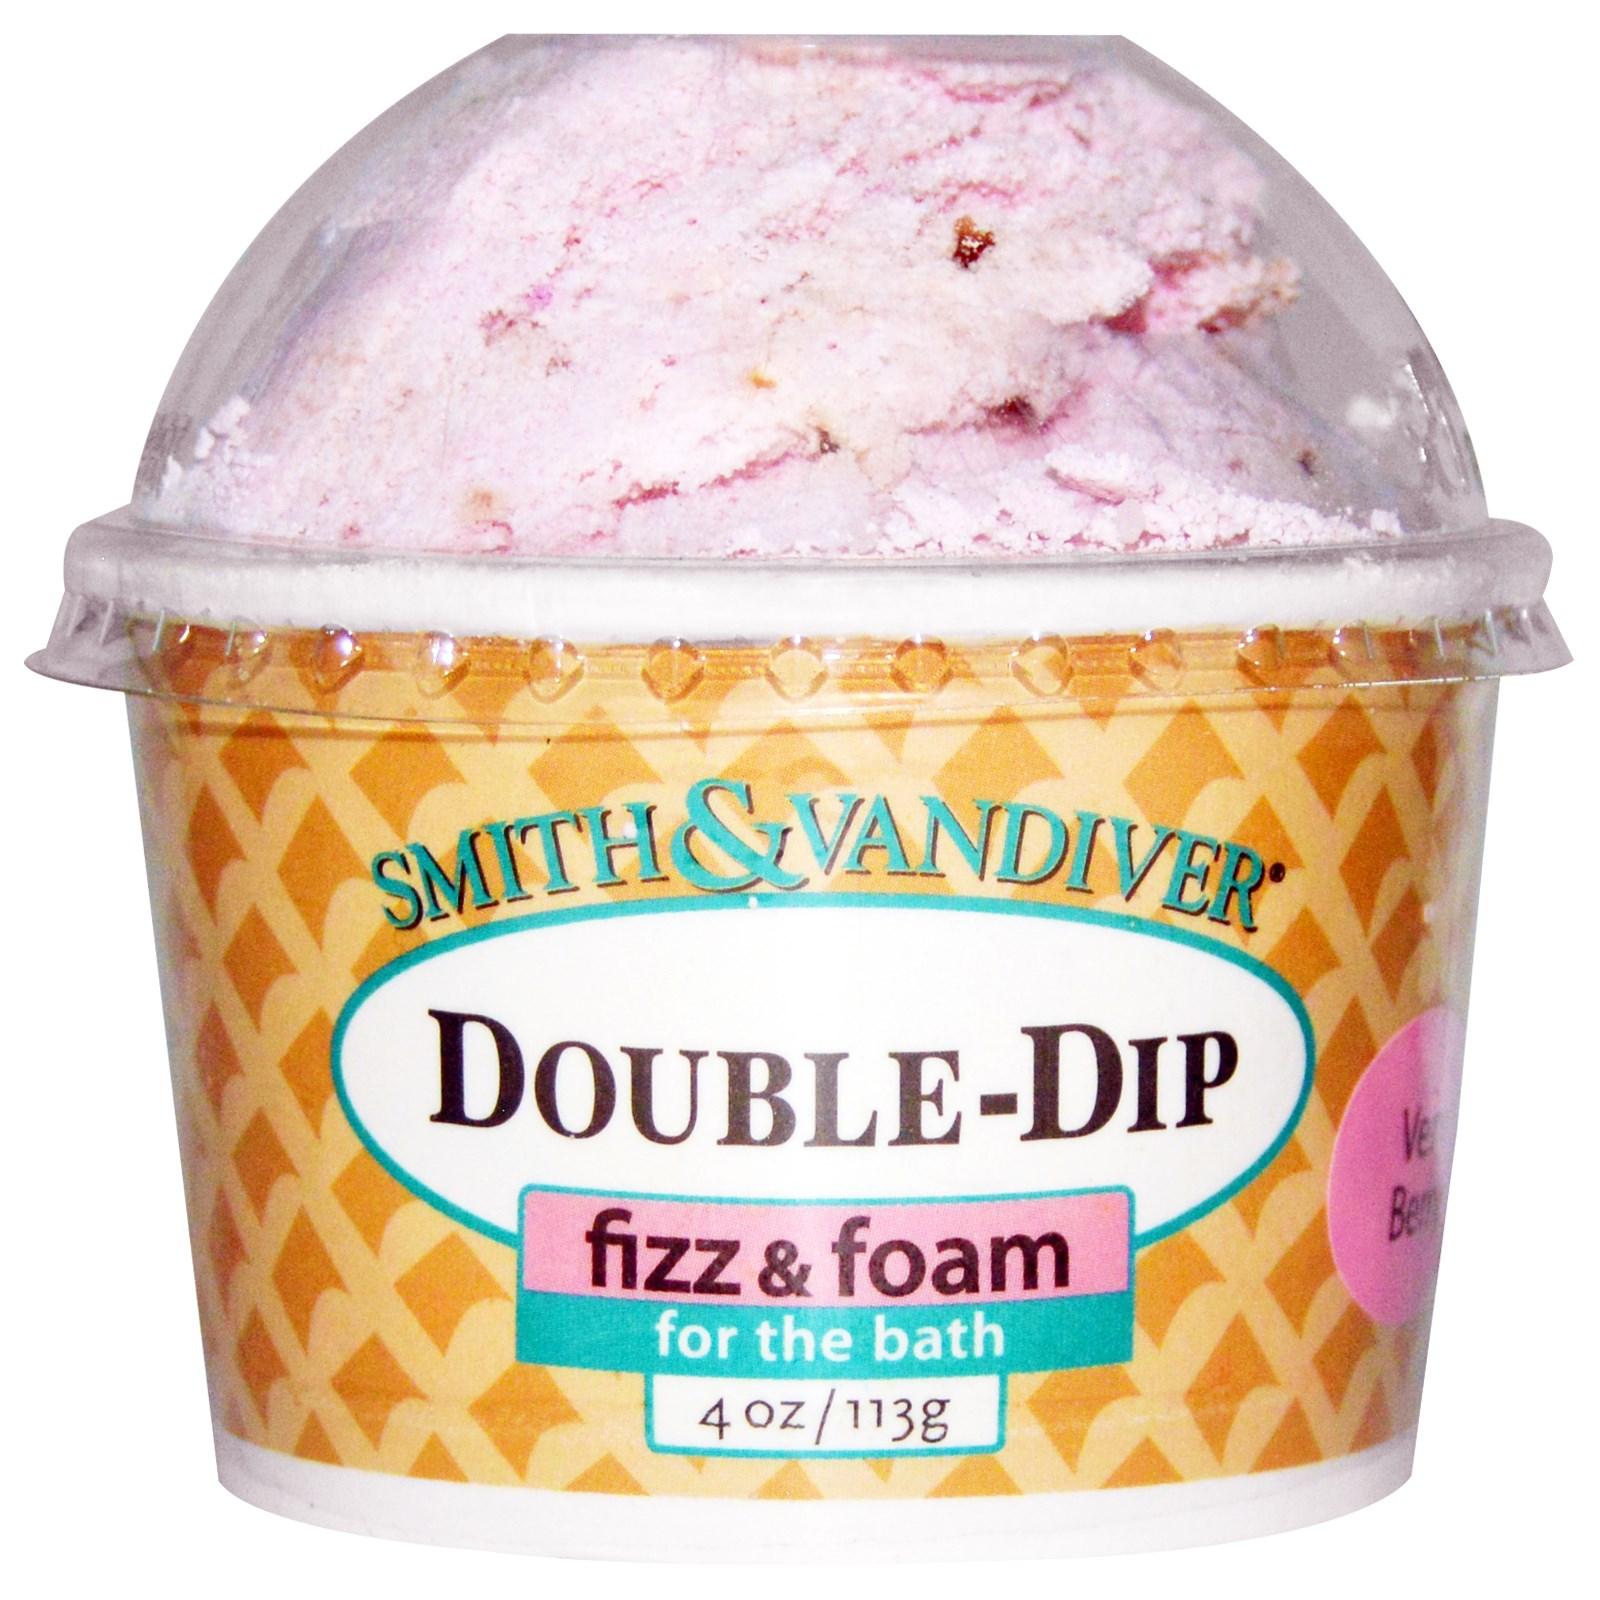 Smith & Vandiver, Двойное макание, пена и шипучка для ванн, ягодный ароматизатор, 4 унции (113 г)